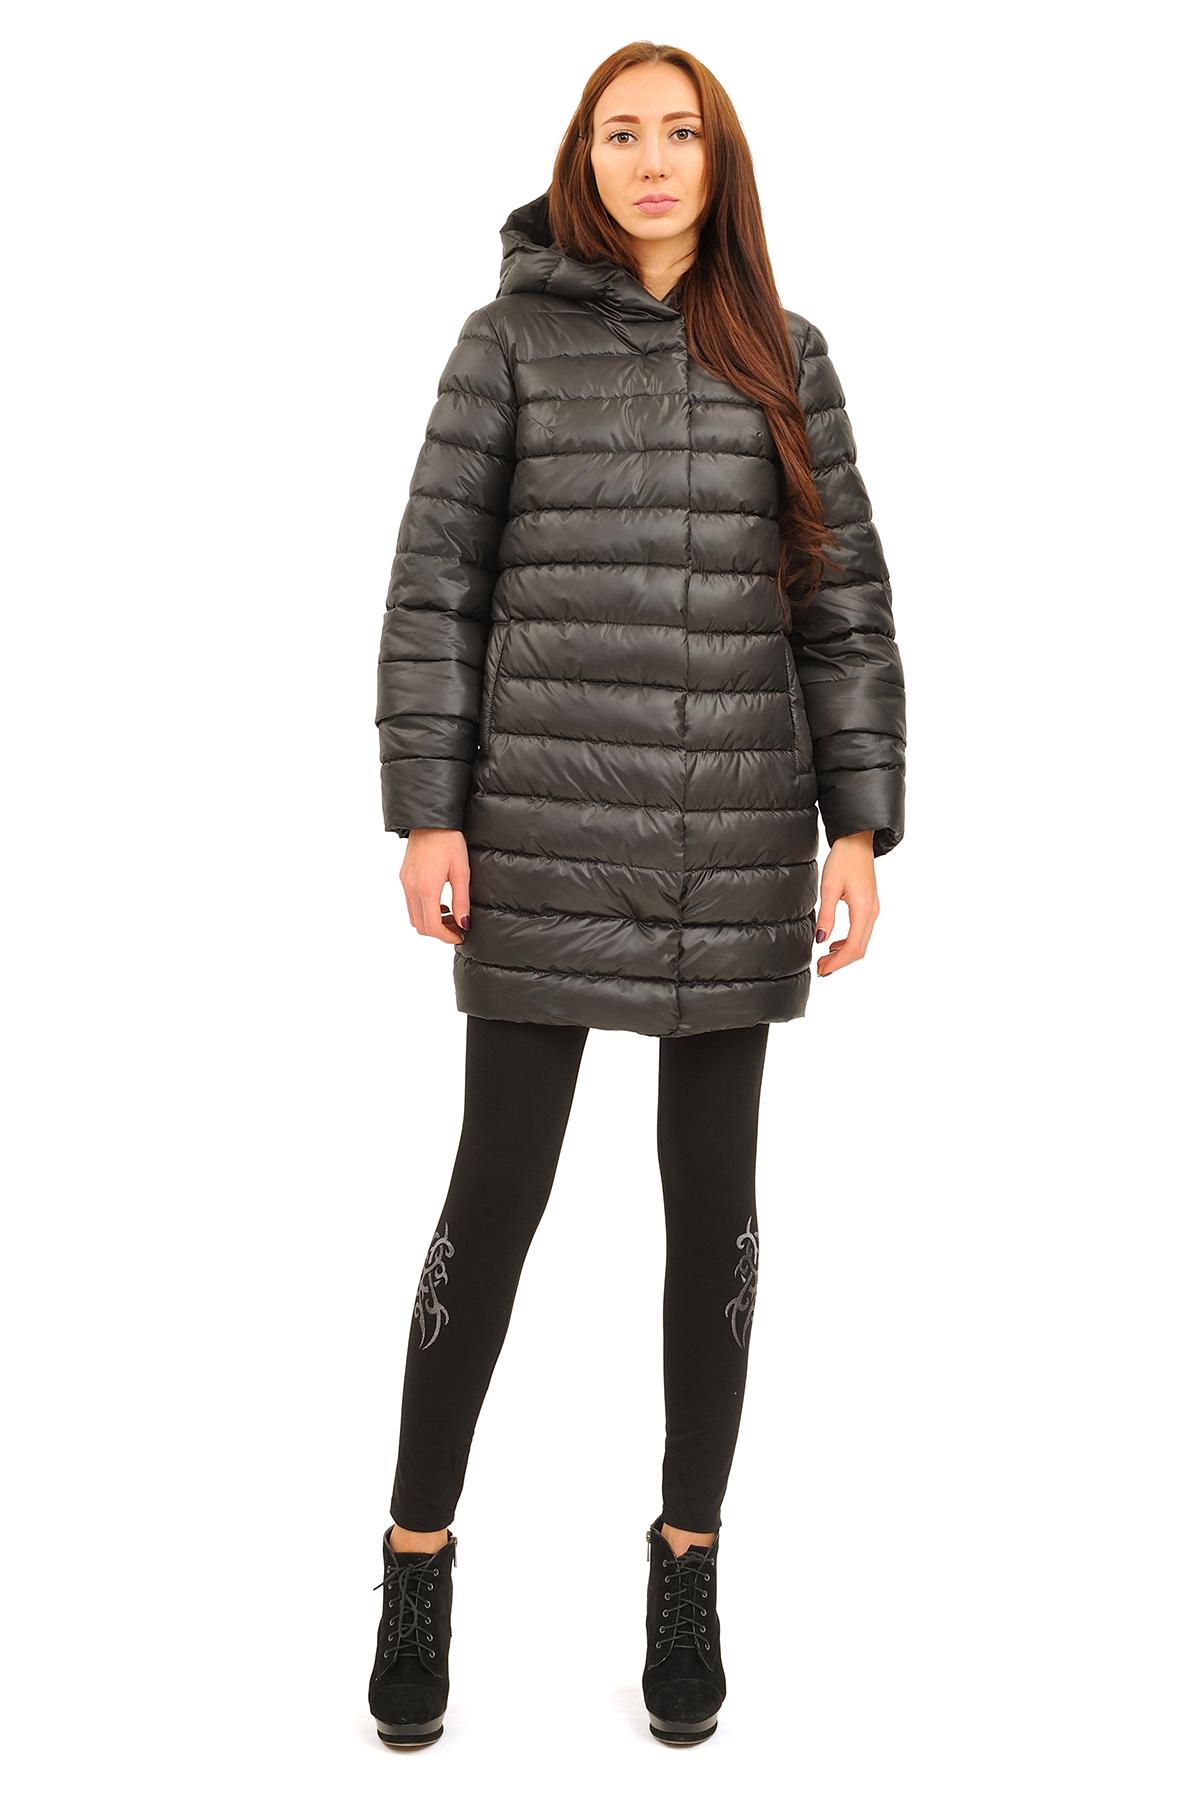 ПальтоЗимние куртки, пальто, пуховики<br>В холодный зимний день очень важно ощущение тепла и комфорта. Это тепло может подарить Вам это очаровательное полупальто. модель прекрасно сидит по фигуре. Оригинальность пальто заключается в модной яркой расцветке.<br><br>Цвет: черный<br>Состав: 100% полиэстер Подкладка: 100% полиэстер Утеплитель:  синтепух<br>Размер: 40,42,44,46,48,50,52,54,56<br>Страна дизайна: Россия<br>Страна производства: Россия